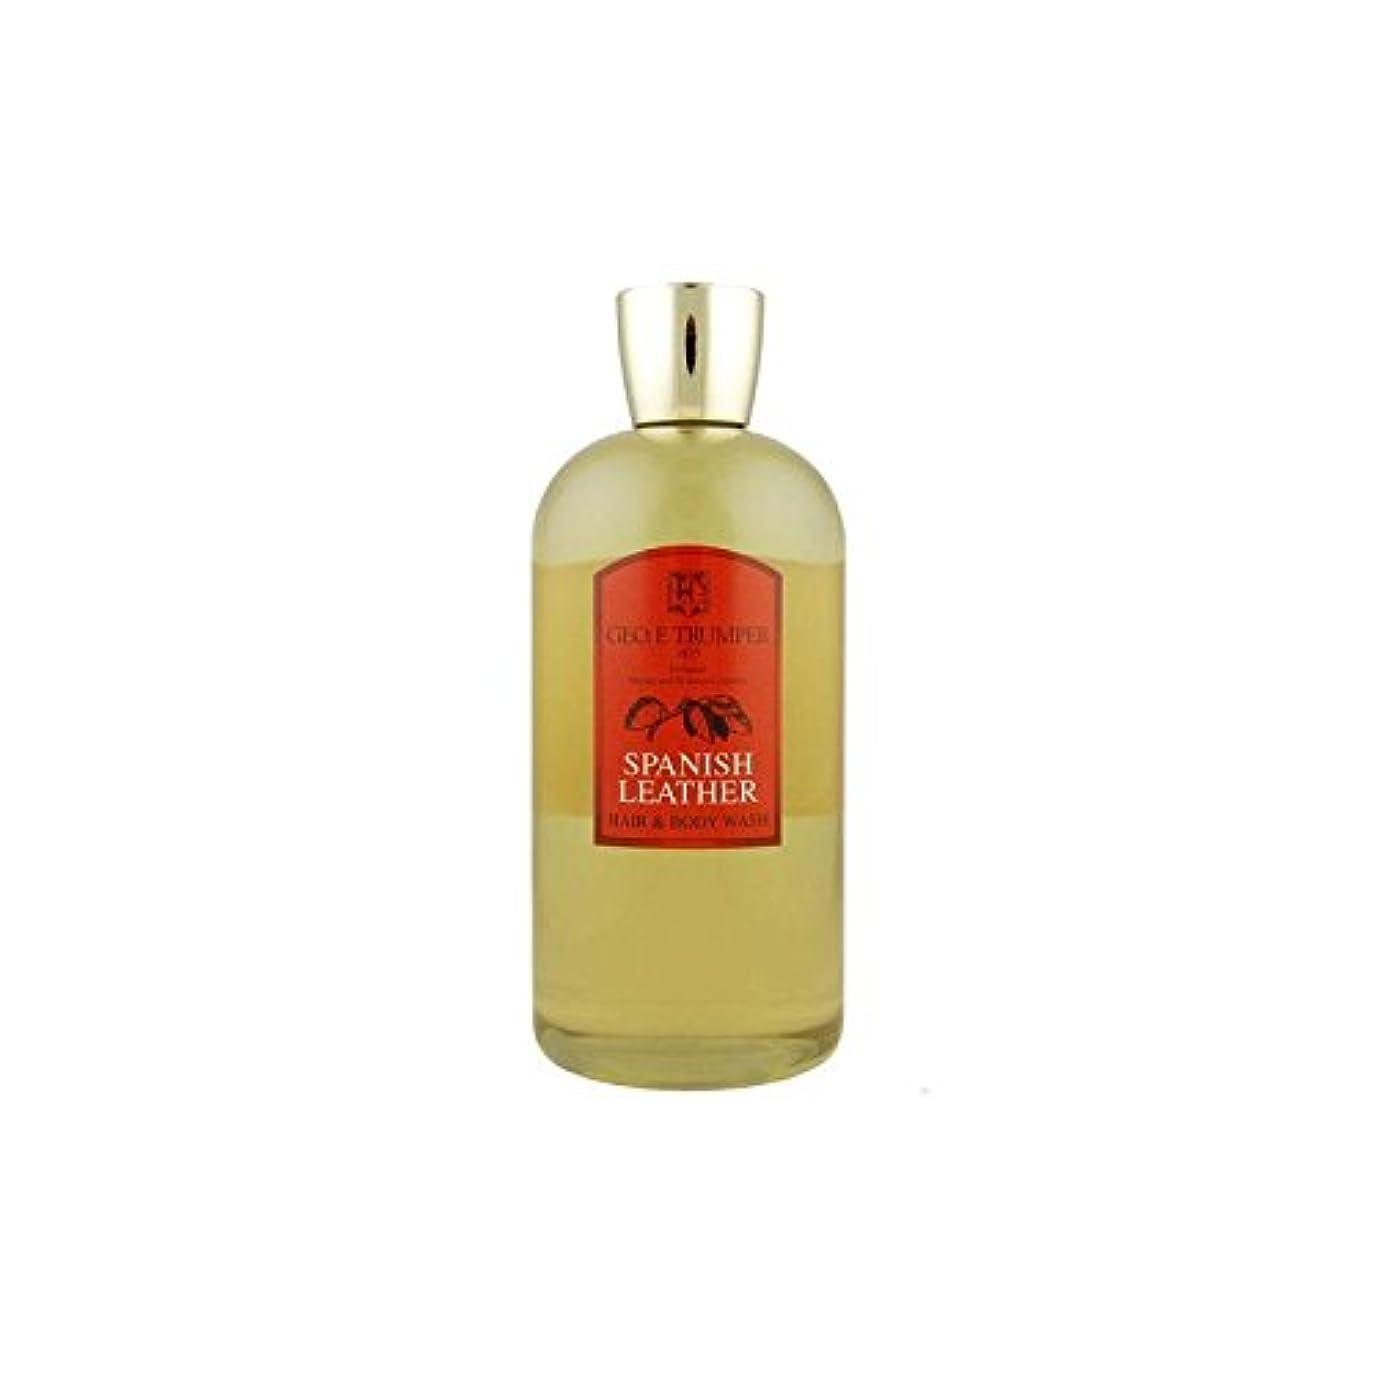 セイはさておき季節水っぽいTrumpers Spanish Leather Hair and Body Wash - 500mlTravel Bottle (Pack of 6) - 革の髪とボディウォッシュスペイン語 - 500ボトル x6 [...